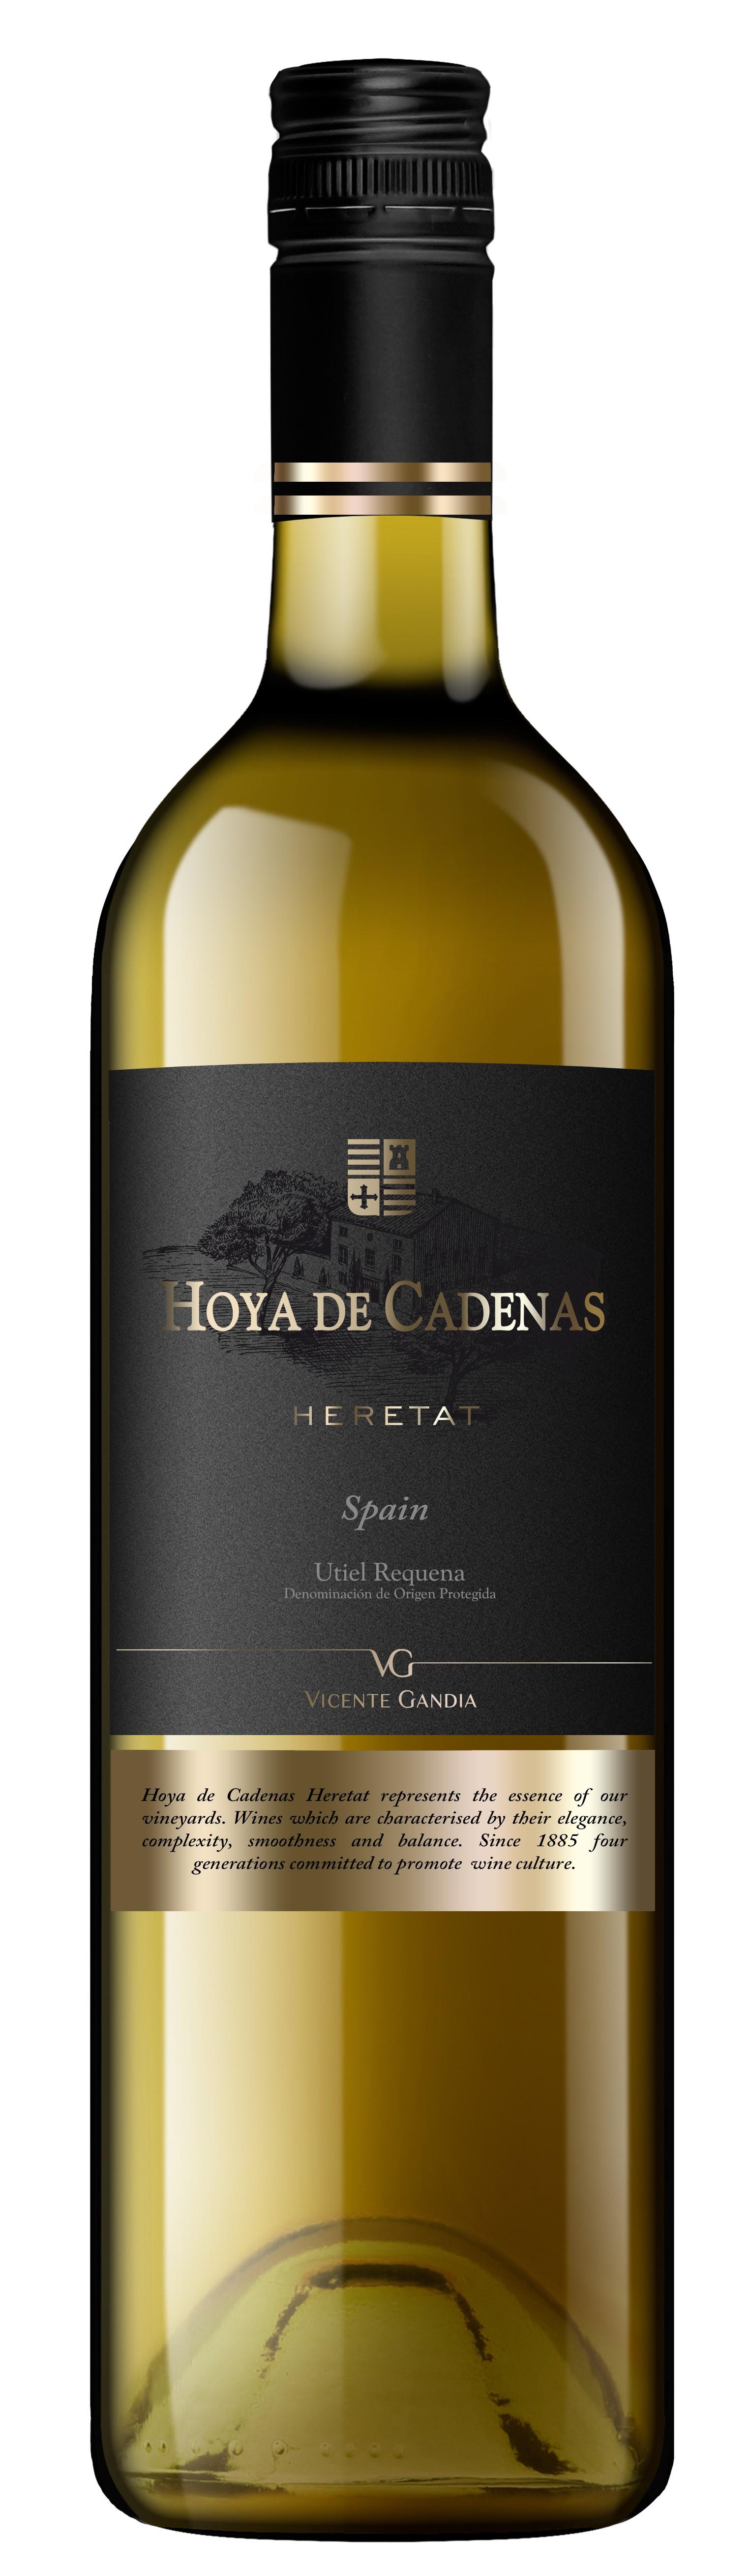 Hoya de Cadenas Heretat Blanco